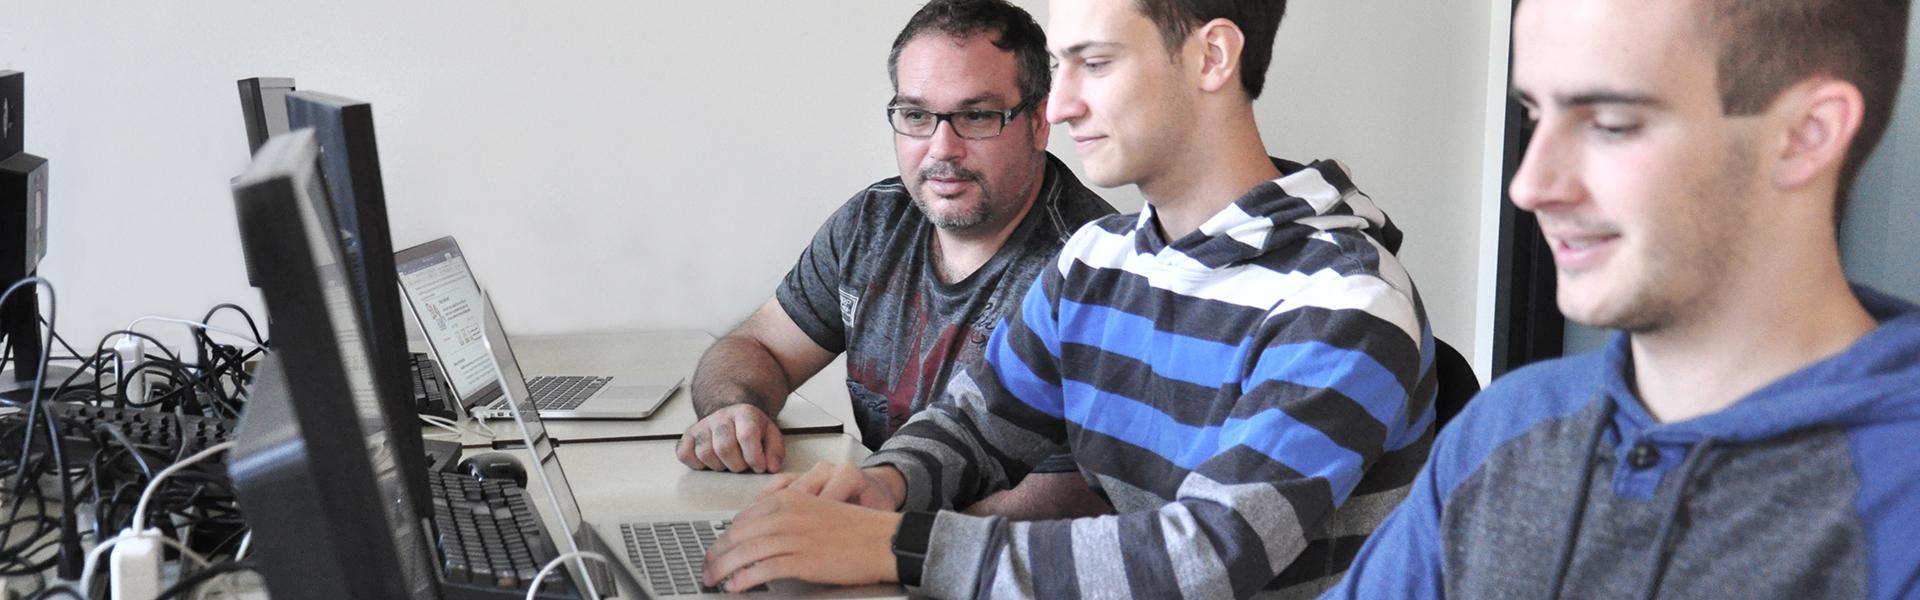 Étudiants du programme techniques de l'informatique travaillant à des ordinateurs